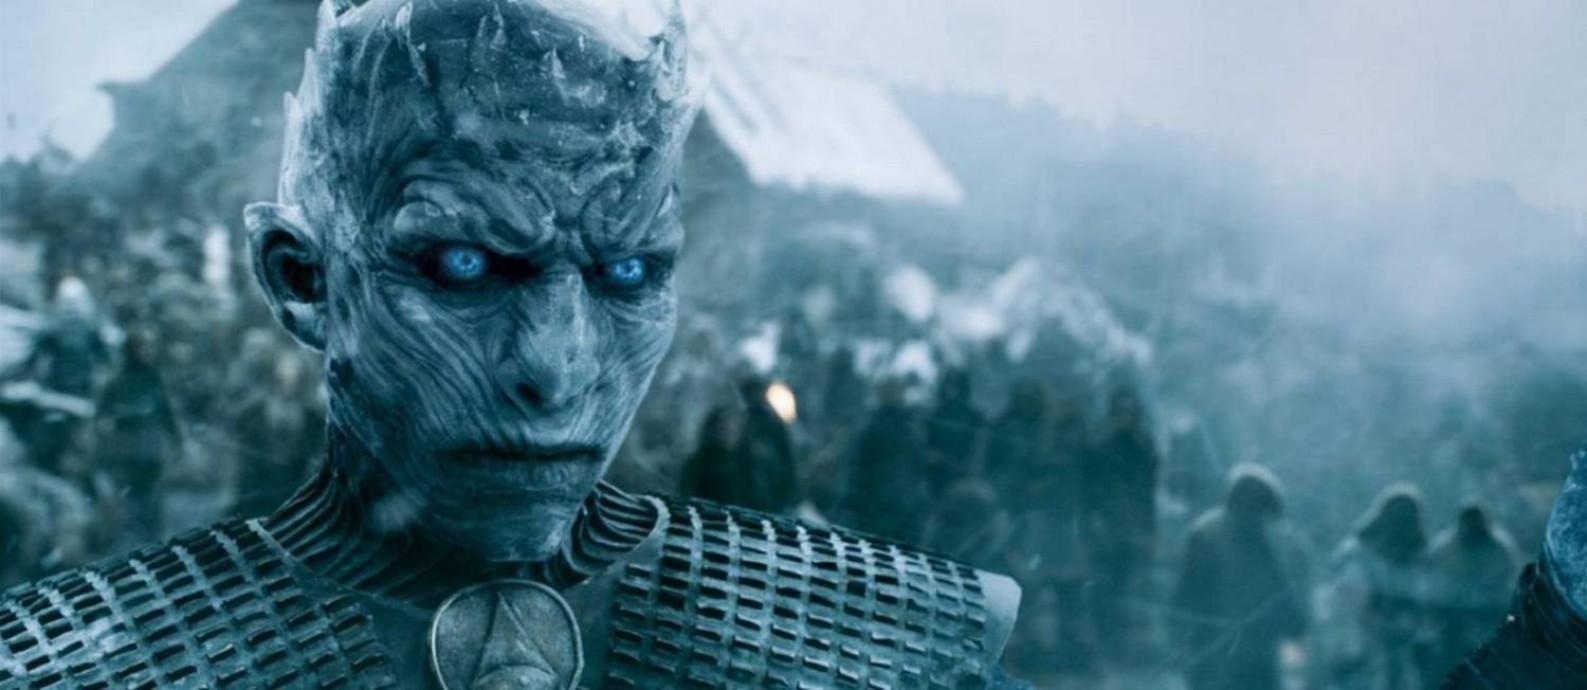 """Líder dos """"White Walkers"""", em 'Game of Thrones' Foto: Infoglobo / Reprodução/HBO"""